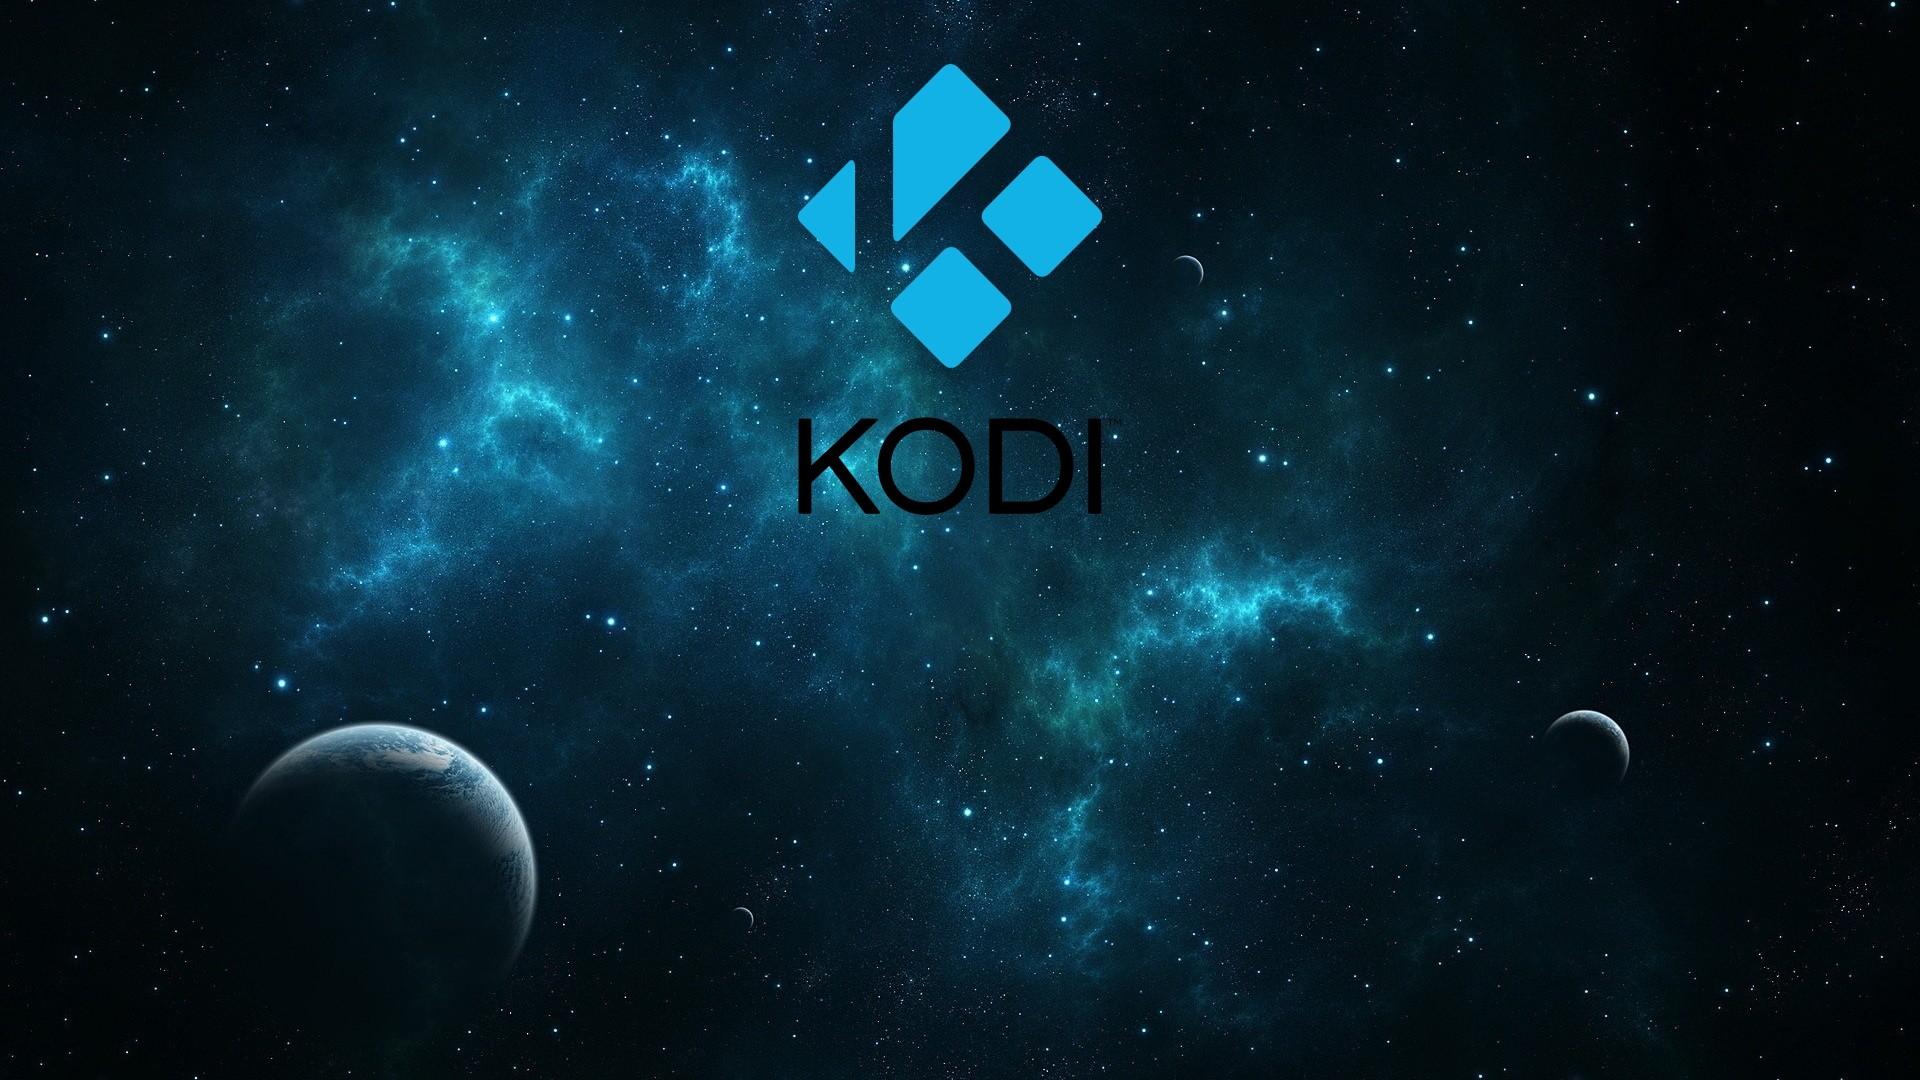 Kodi Wallpaper – WallpaperSafari